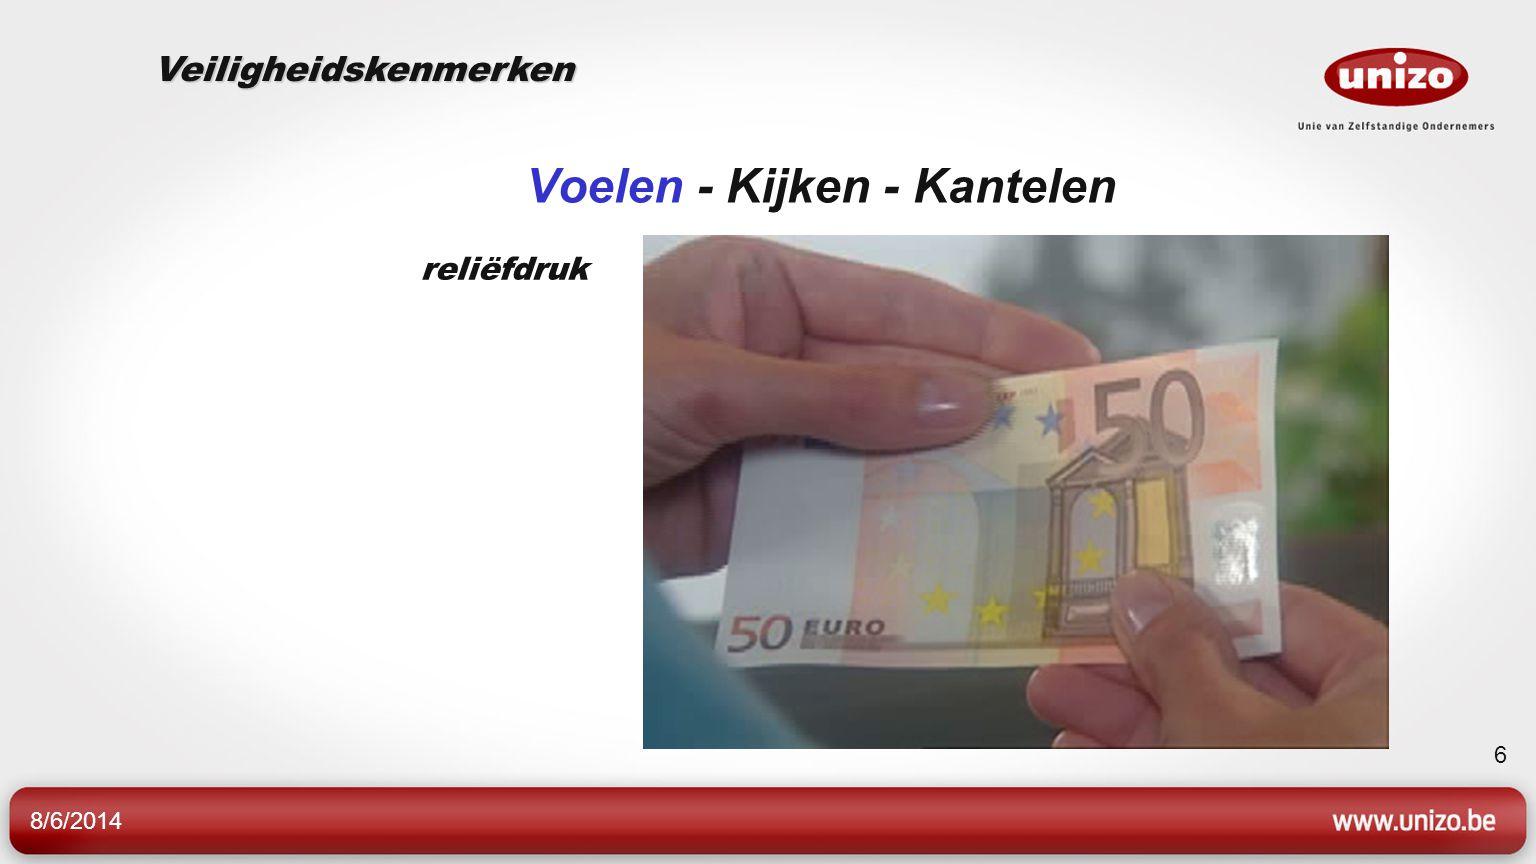 8/6/2014 6 Voelen - Kijken - Kantelen reliëfdruk Veiligheidskenmerken